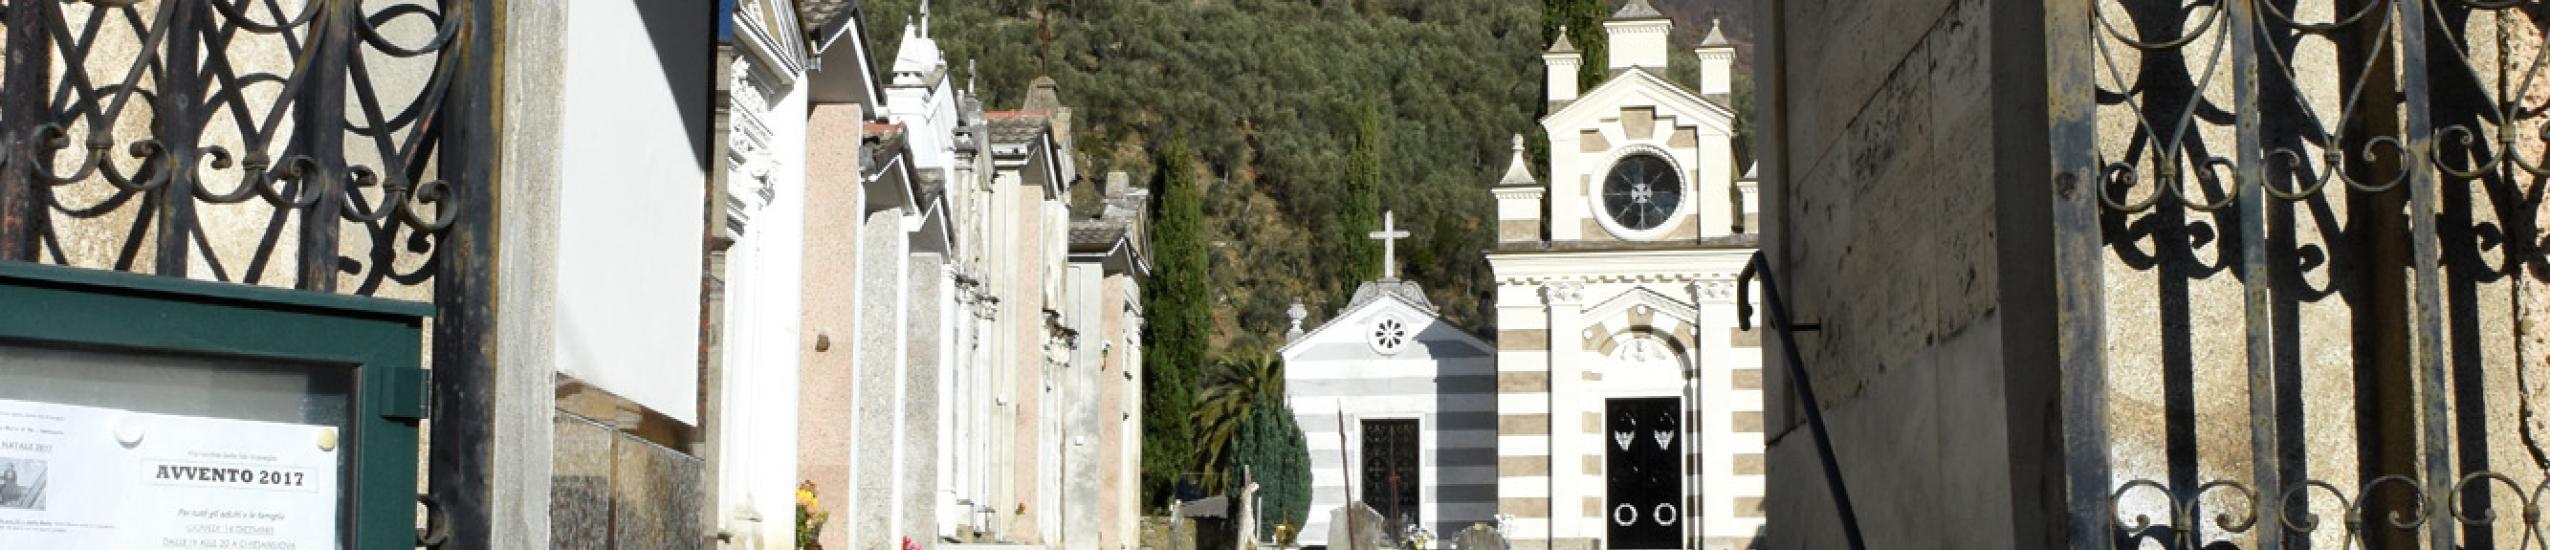 Cimitero di Campo di Ne (0)